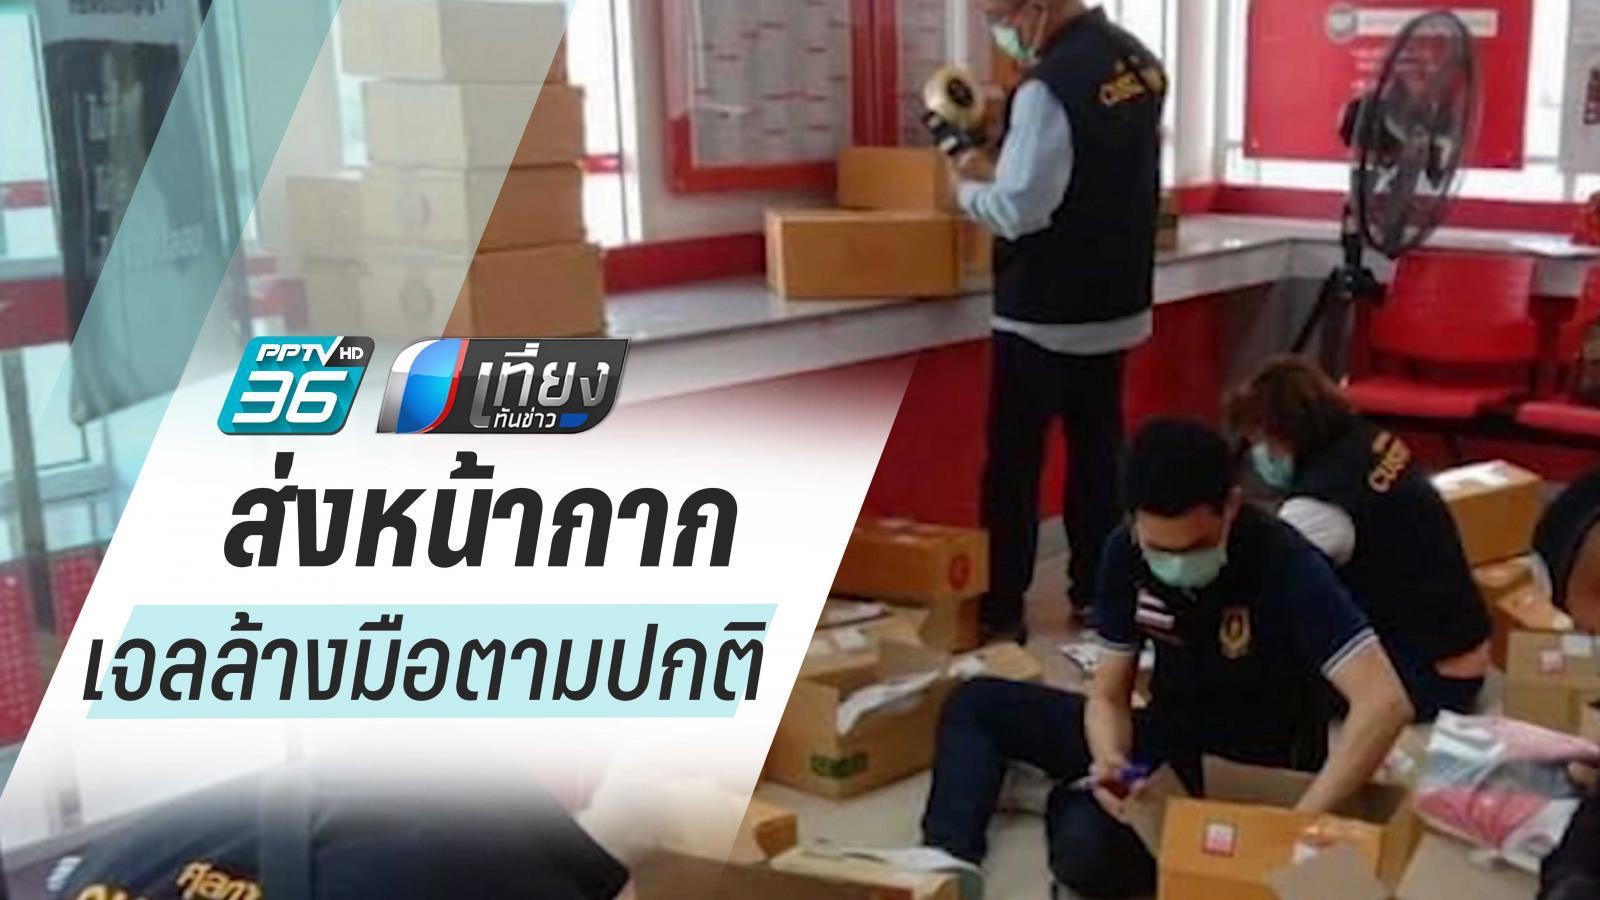 ไปรษณีย์ไทยรับส่งหน้ากากอนามัยเจลล้างมือตามปกติ